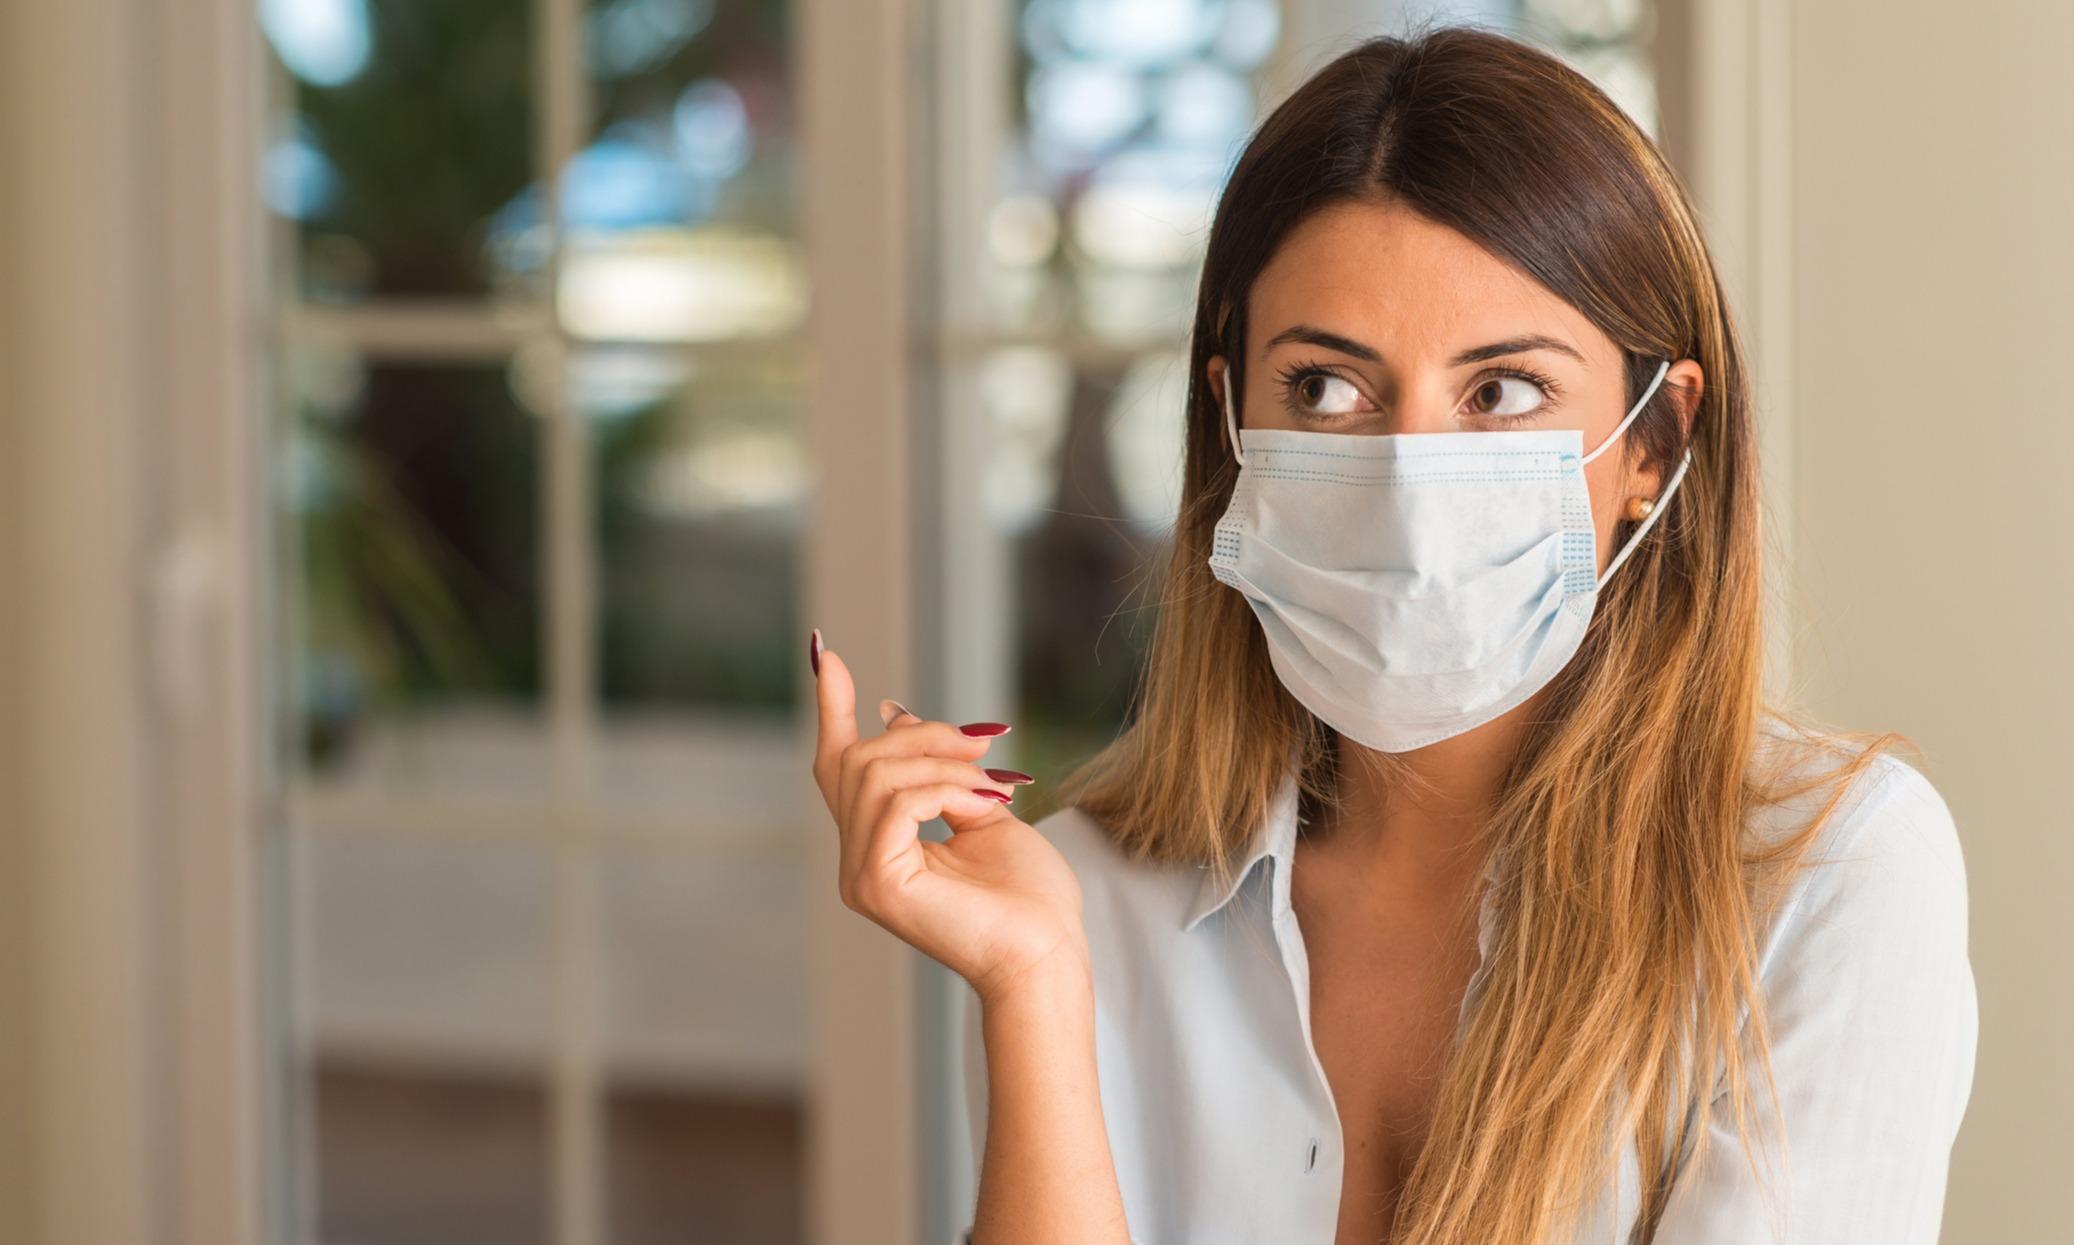 уход за кожей после ношения маски